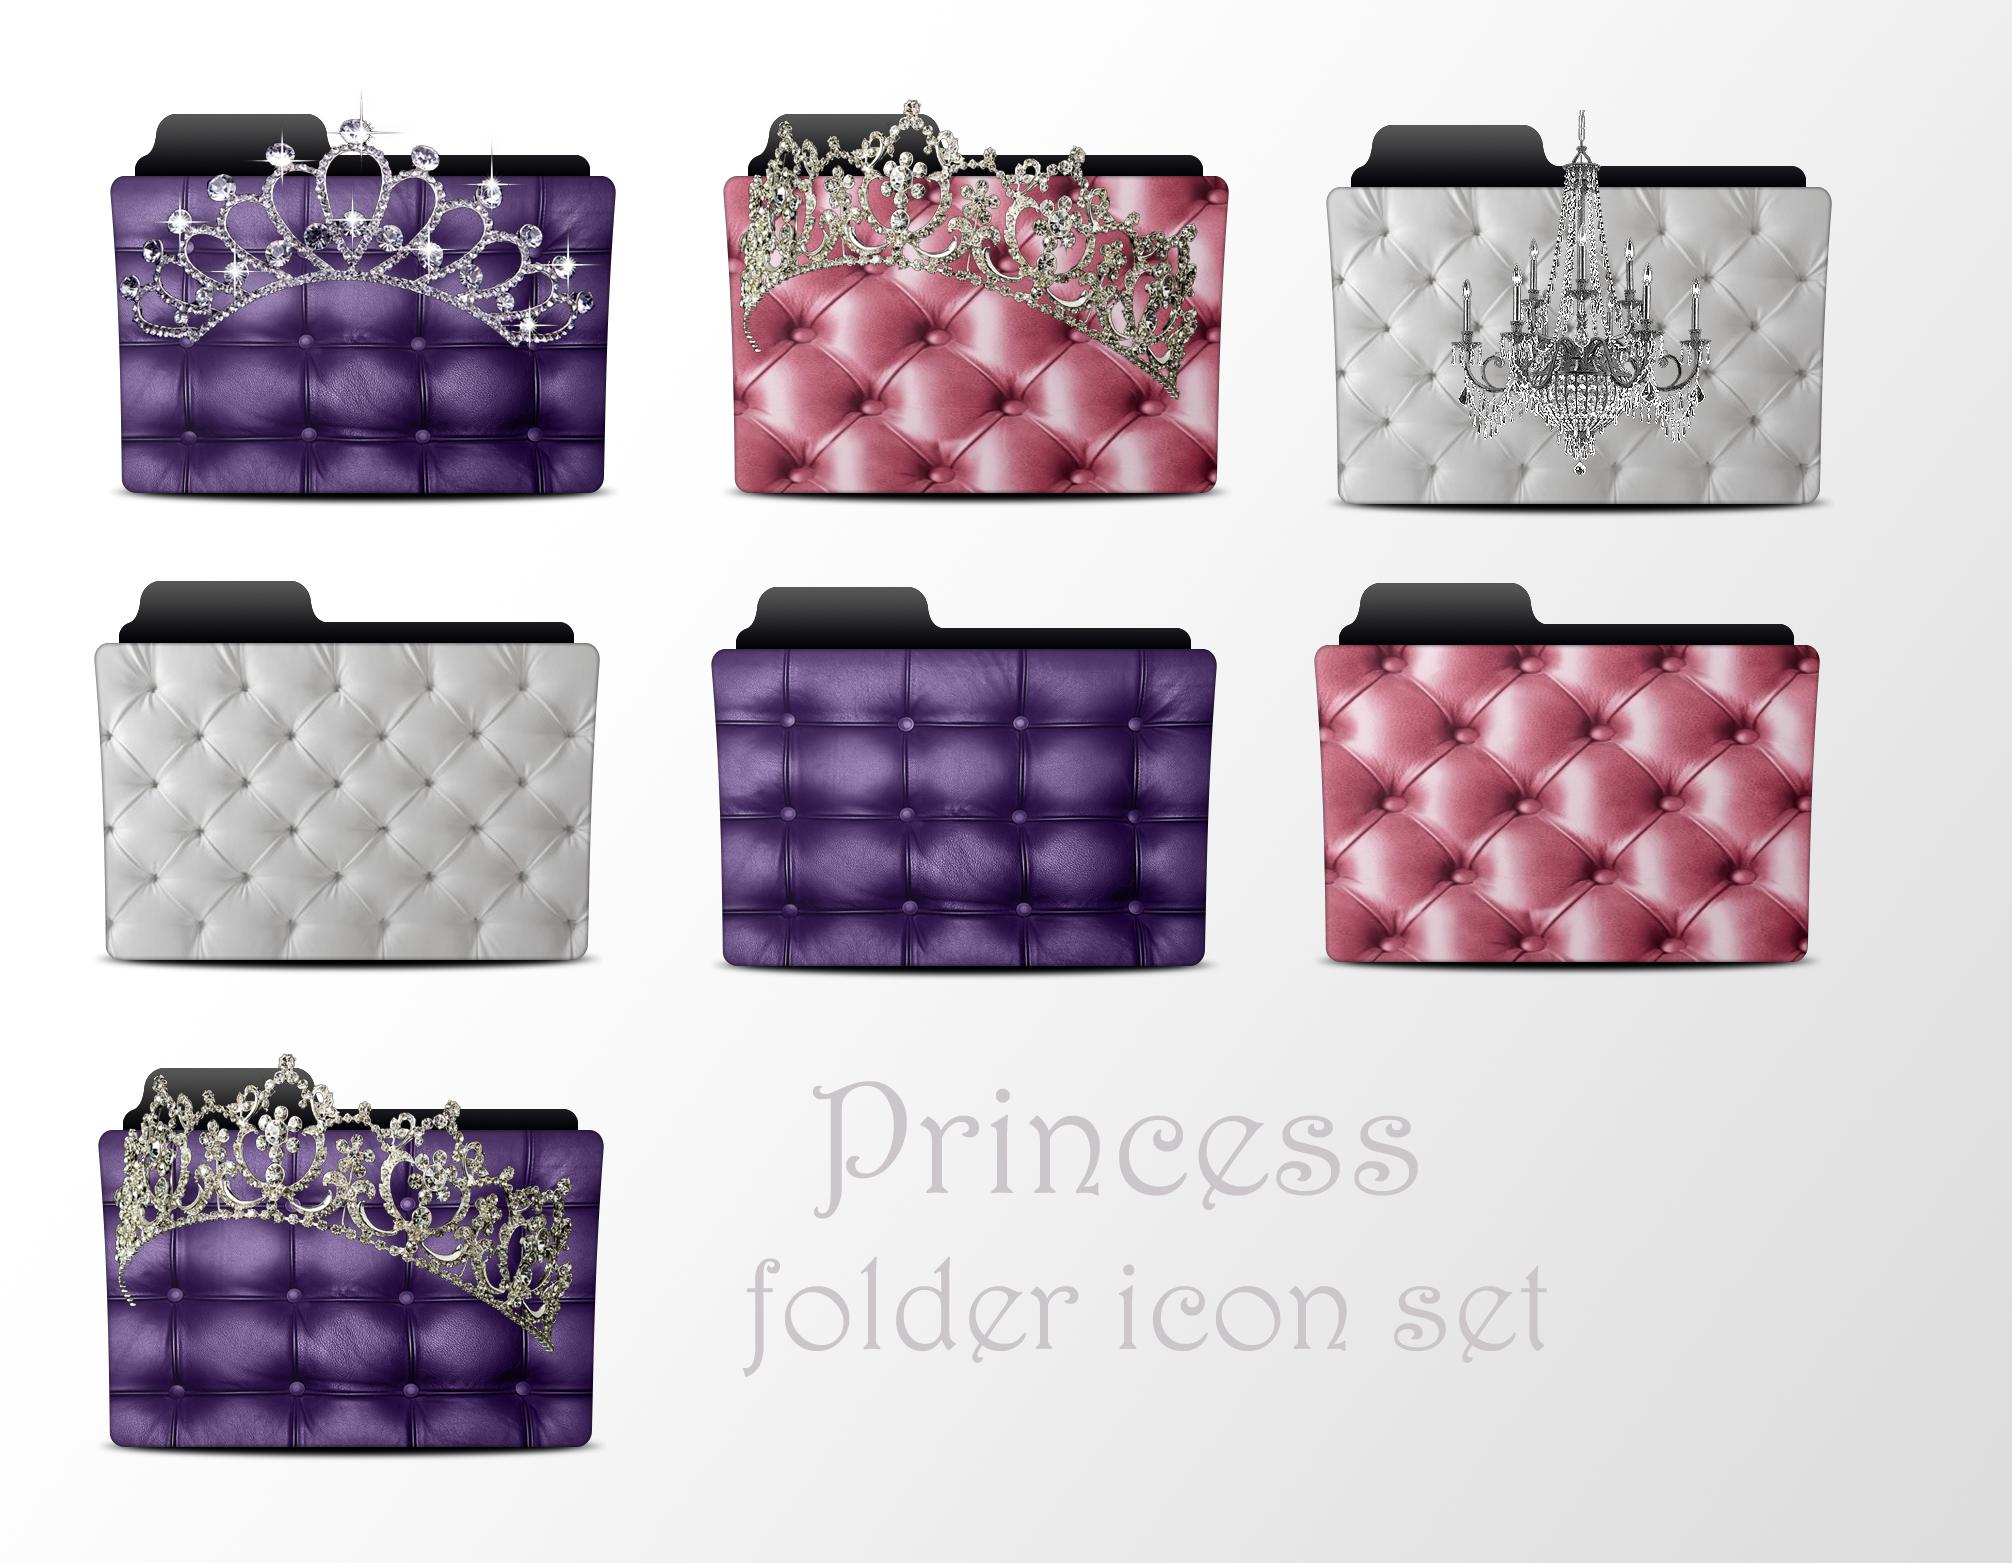 Princess Folder Icon Set by akamichan9